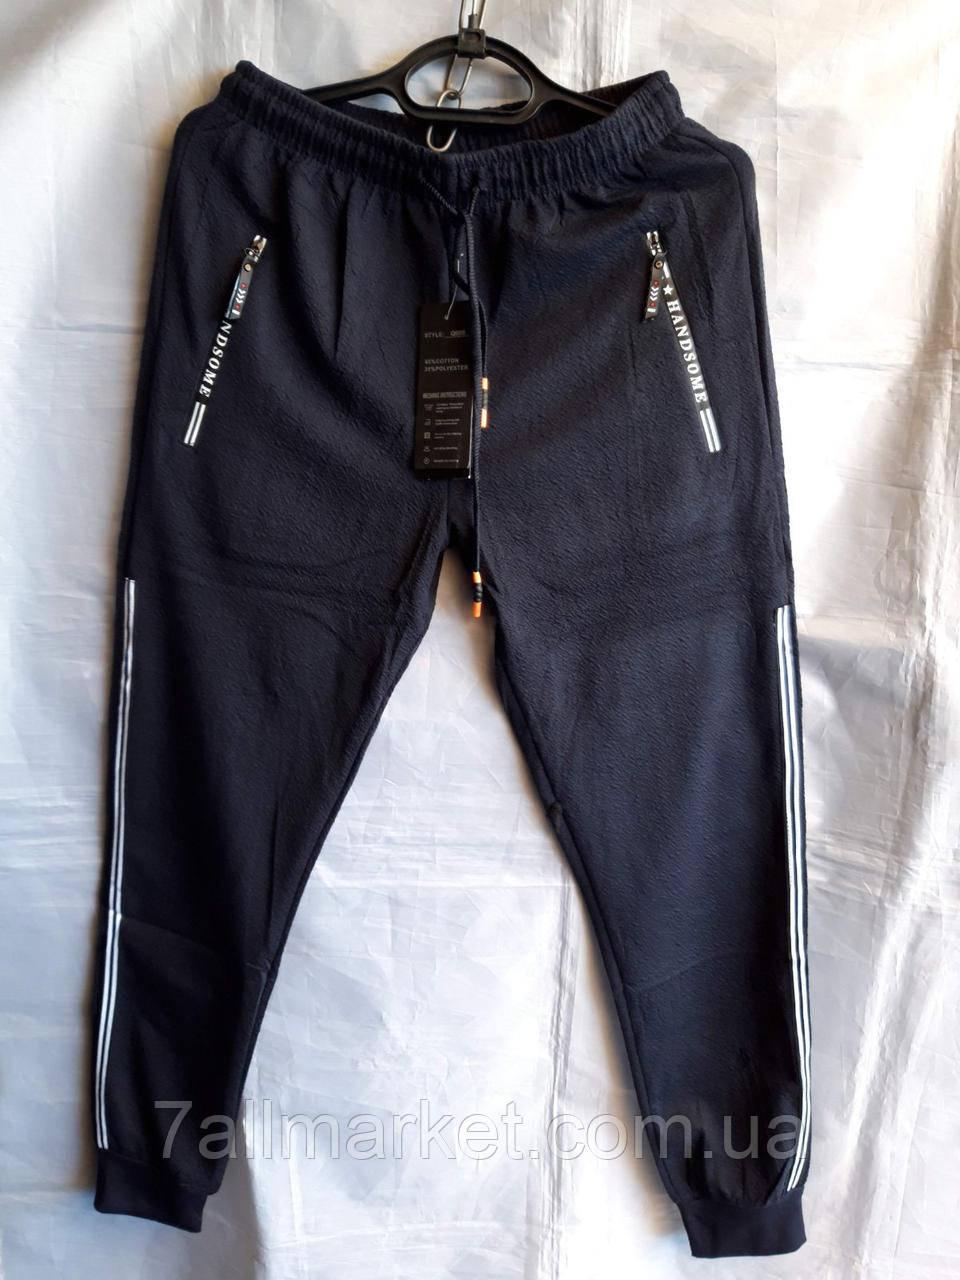 """Спортивные штаны юниор белые лампасы HANDSOME(3цв.) размеры M-3XL""""WELL"""" недорого от прямого поставщика"""